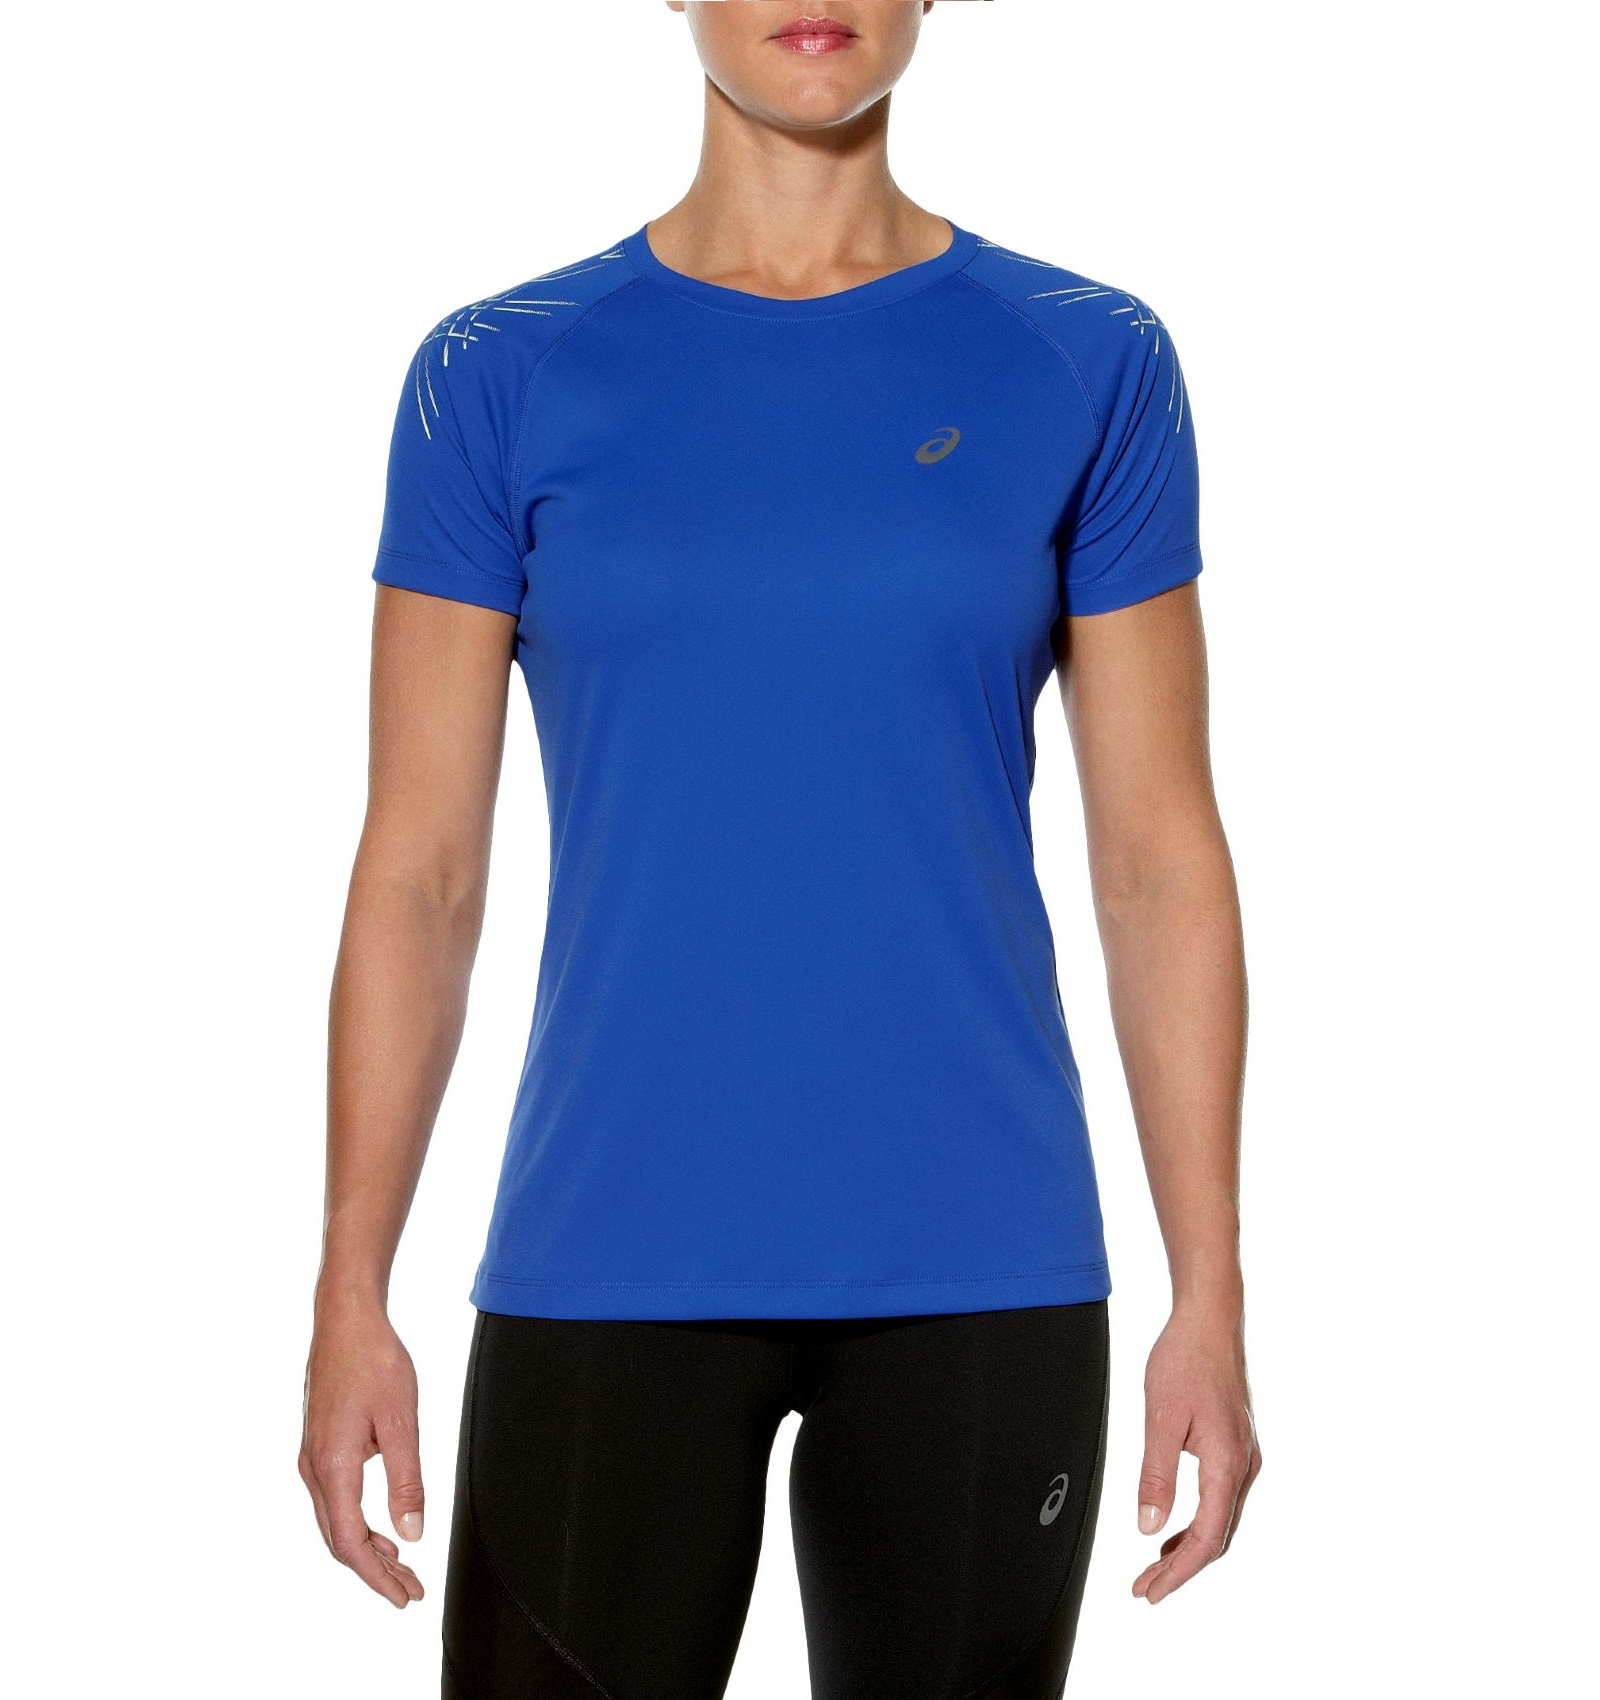 Женская спортивная беговая футболка Asics Stripe SS Top (126232 8091) фото